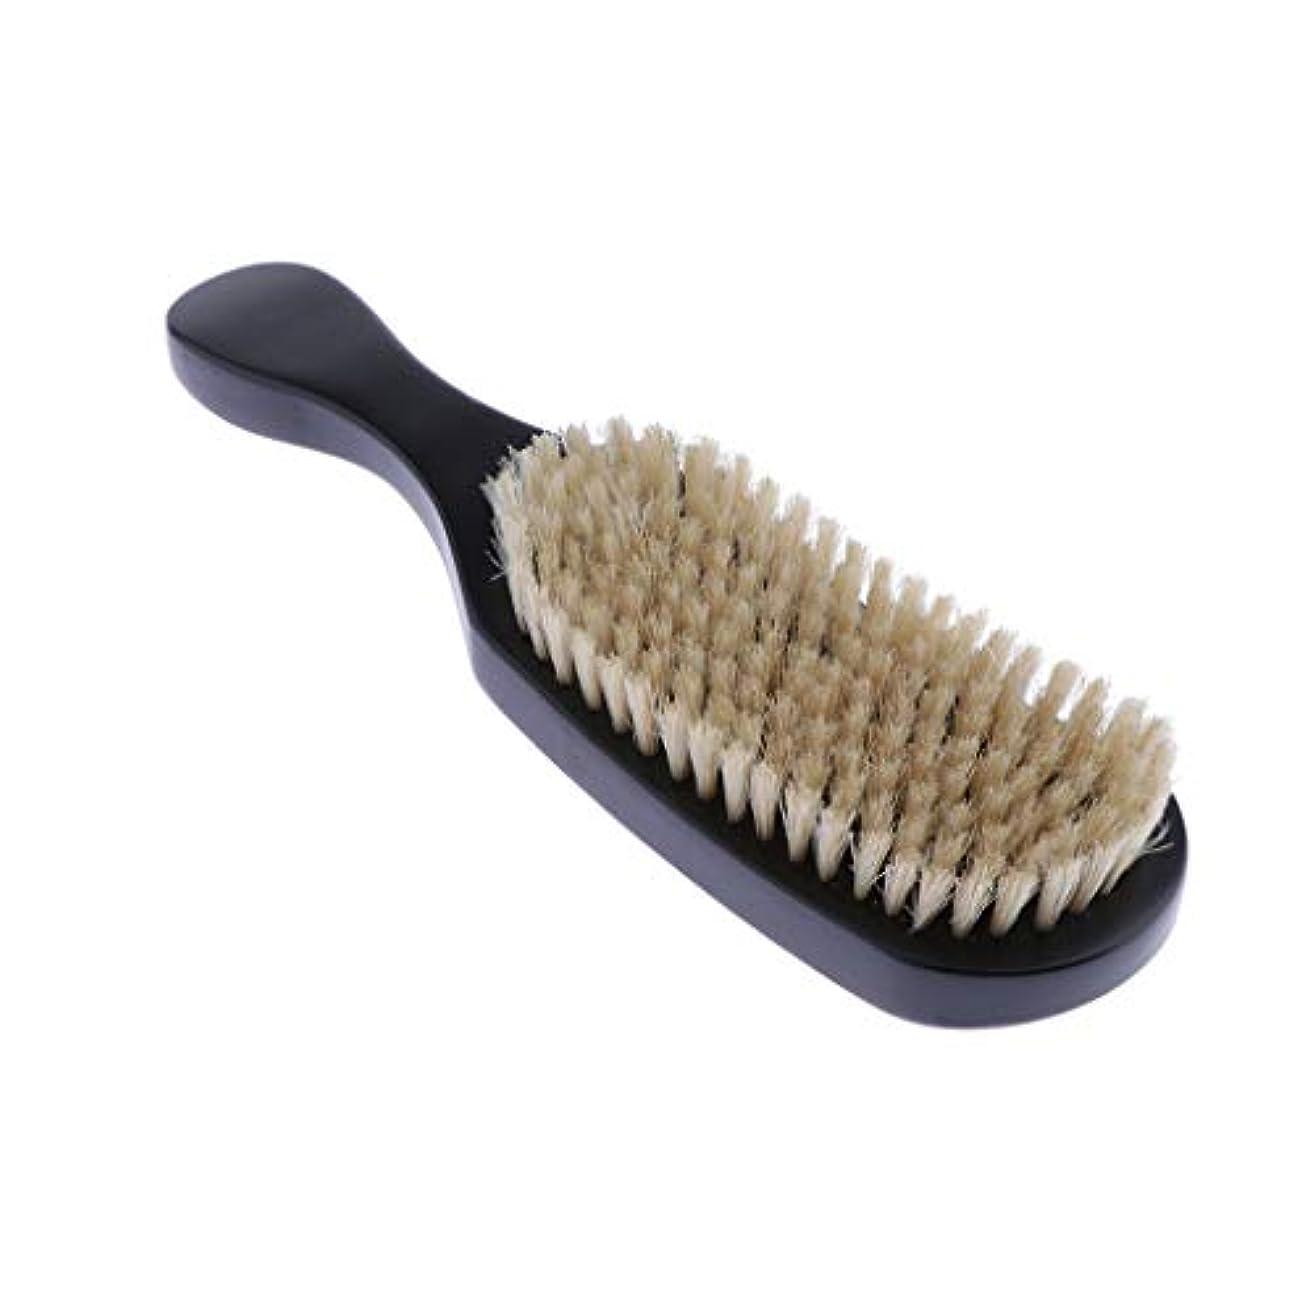 まとめるベギン領域DYNWAVE へアカラーセット ヘアダイブラシ DIY髪染め用 サロン 美髪師用 ヘアカラーの用具 全4色 - ブラック